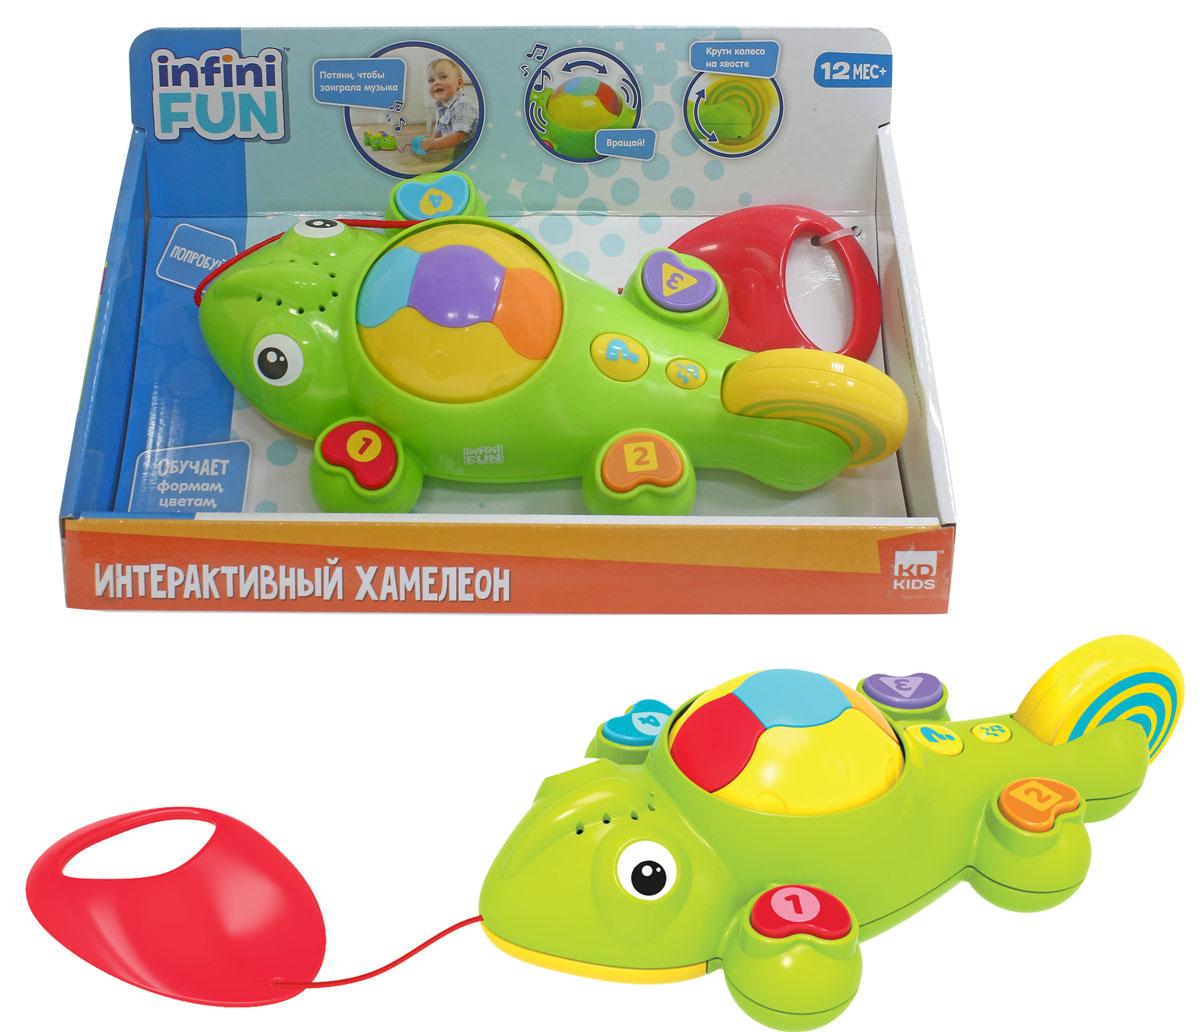 цены на 1TOY Игрушка-каталка Kidz Delight Интерактивный хамелеон  в интернет-магазинах